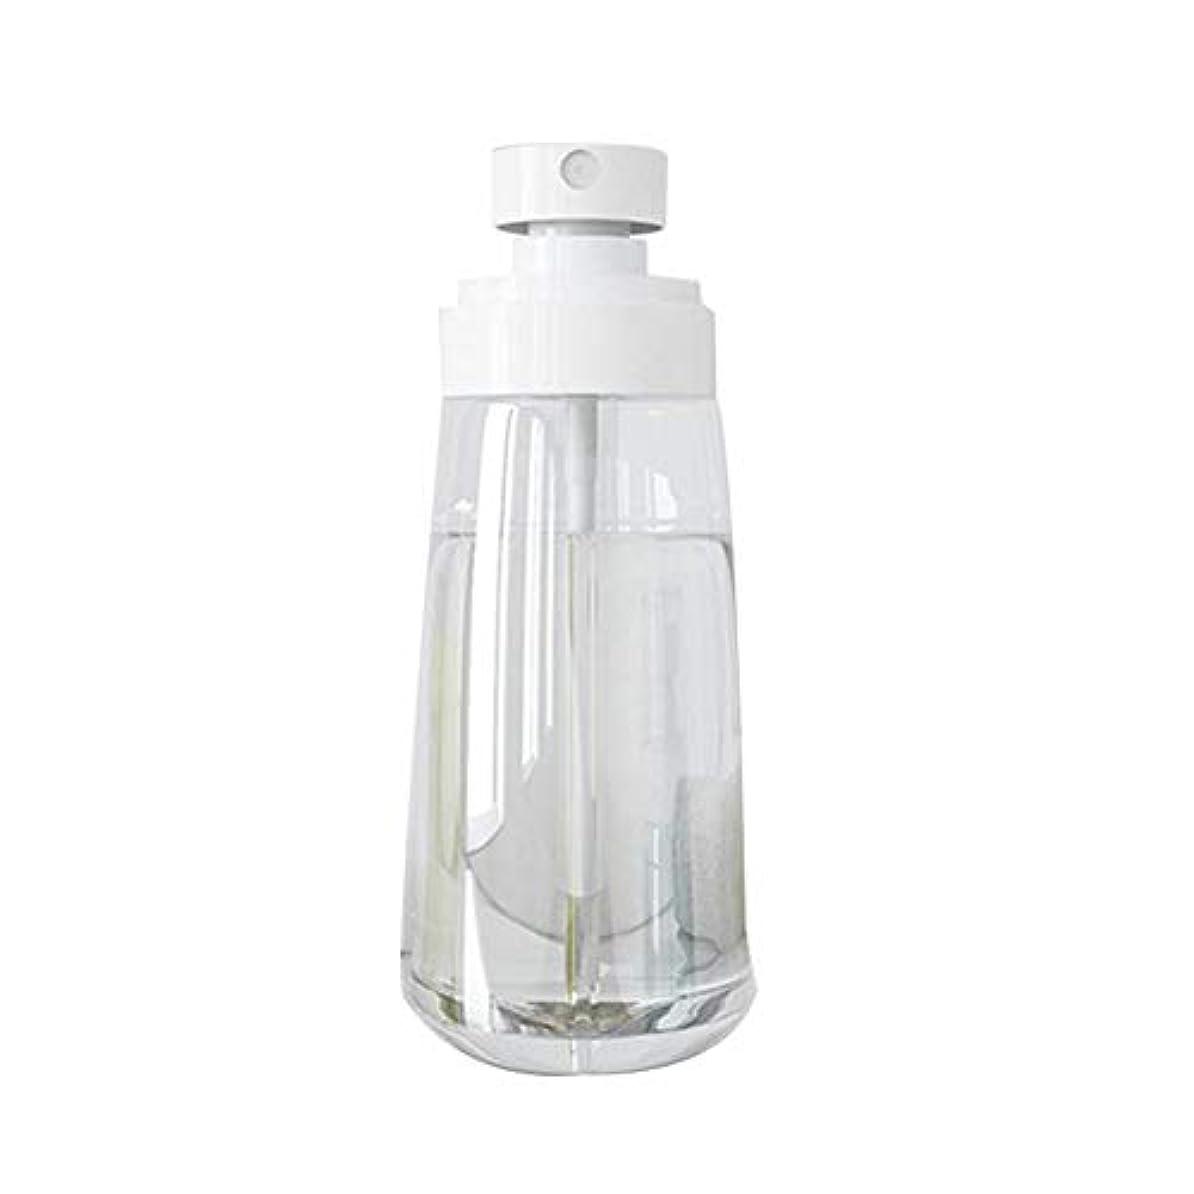 スナックひどい出しますLUERME スプレーボルト 60ml PET製 化粧水の詰替用 極細のミストを噴霧する 旅行用の霧吹き 小分けの容器 アルコール消毒用 アトマイザー